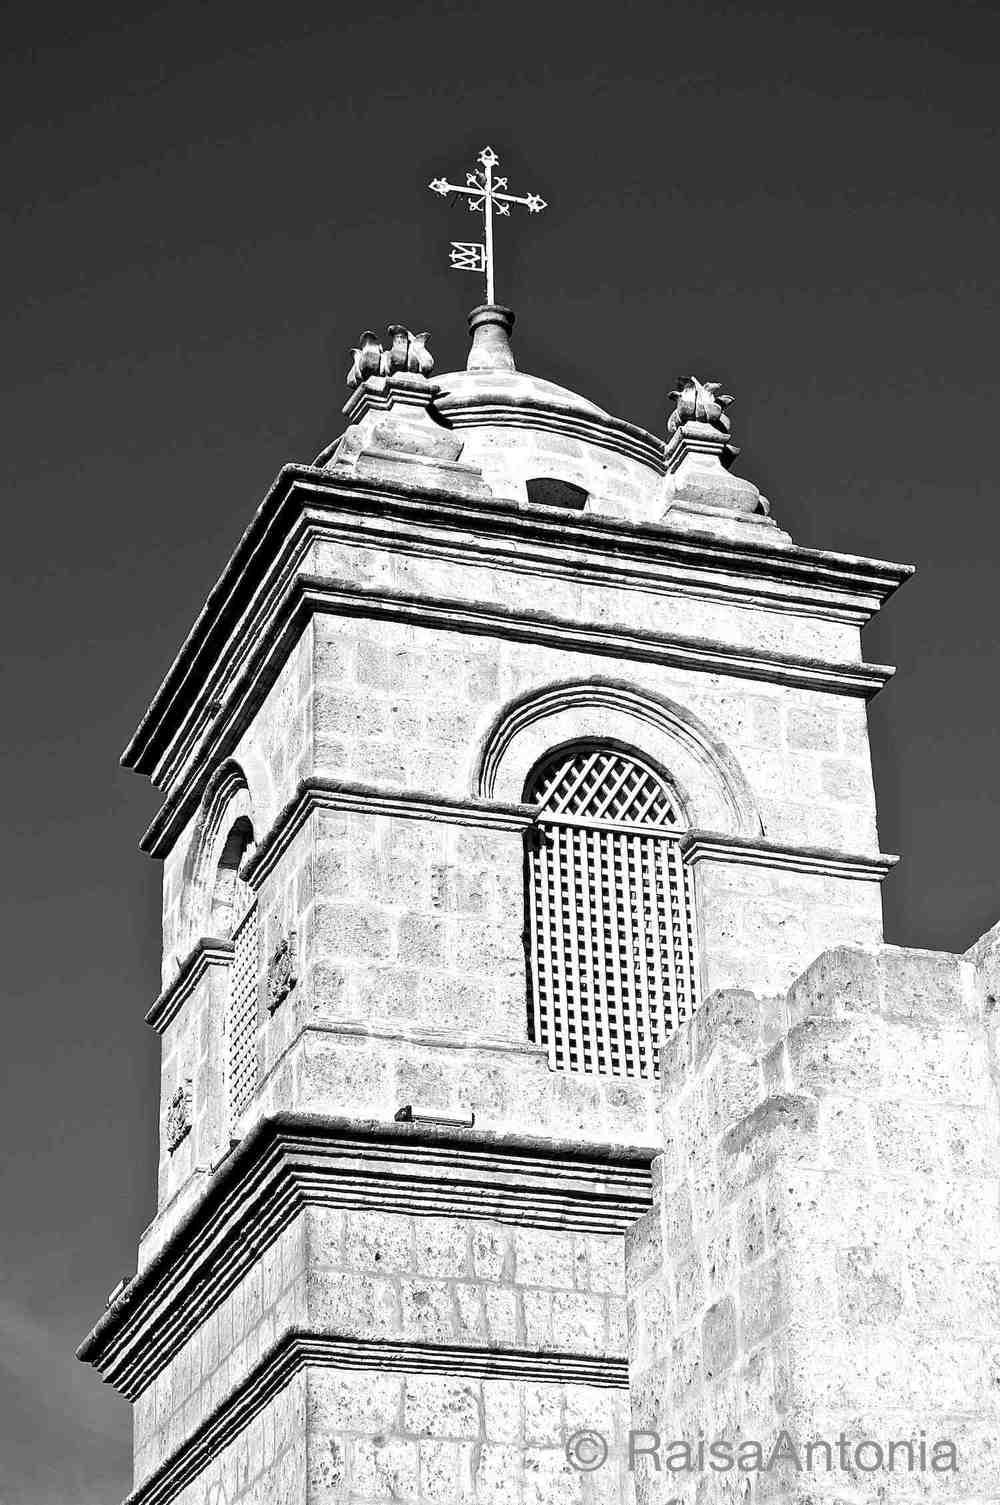 Arequipa Tower